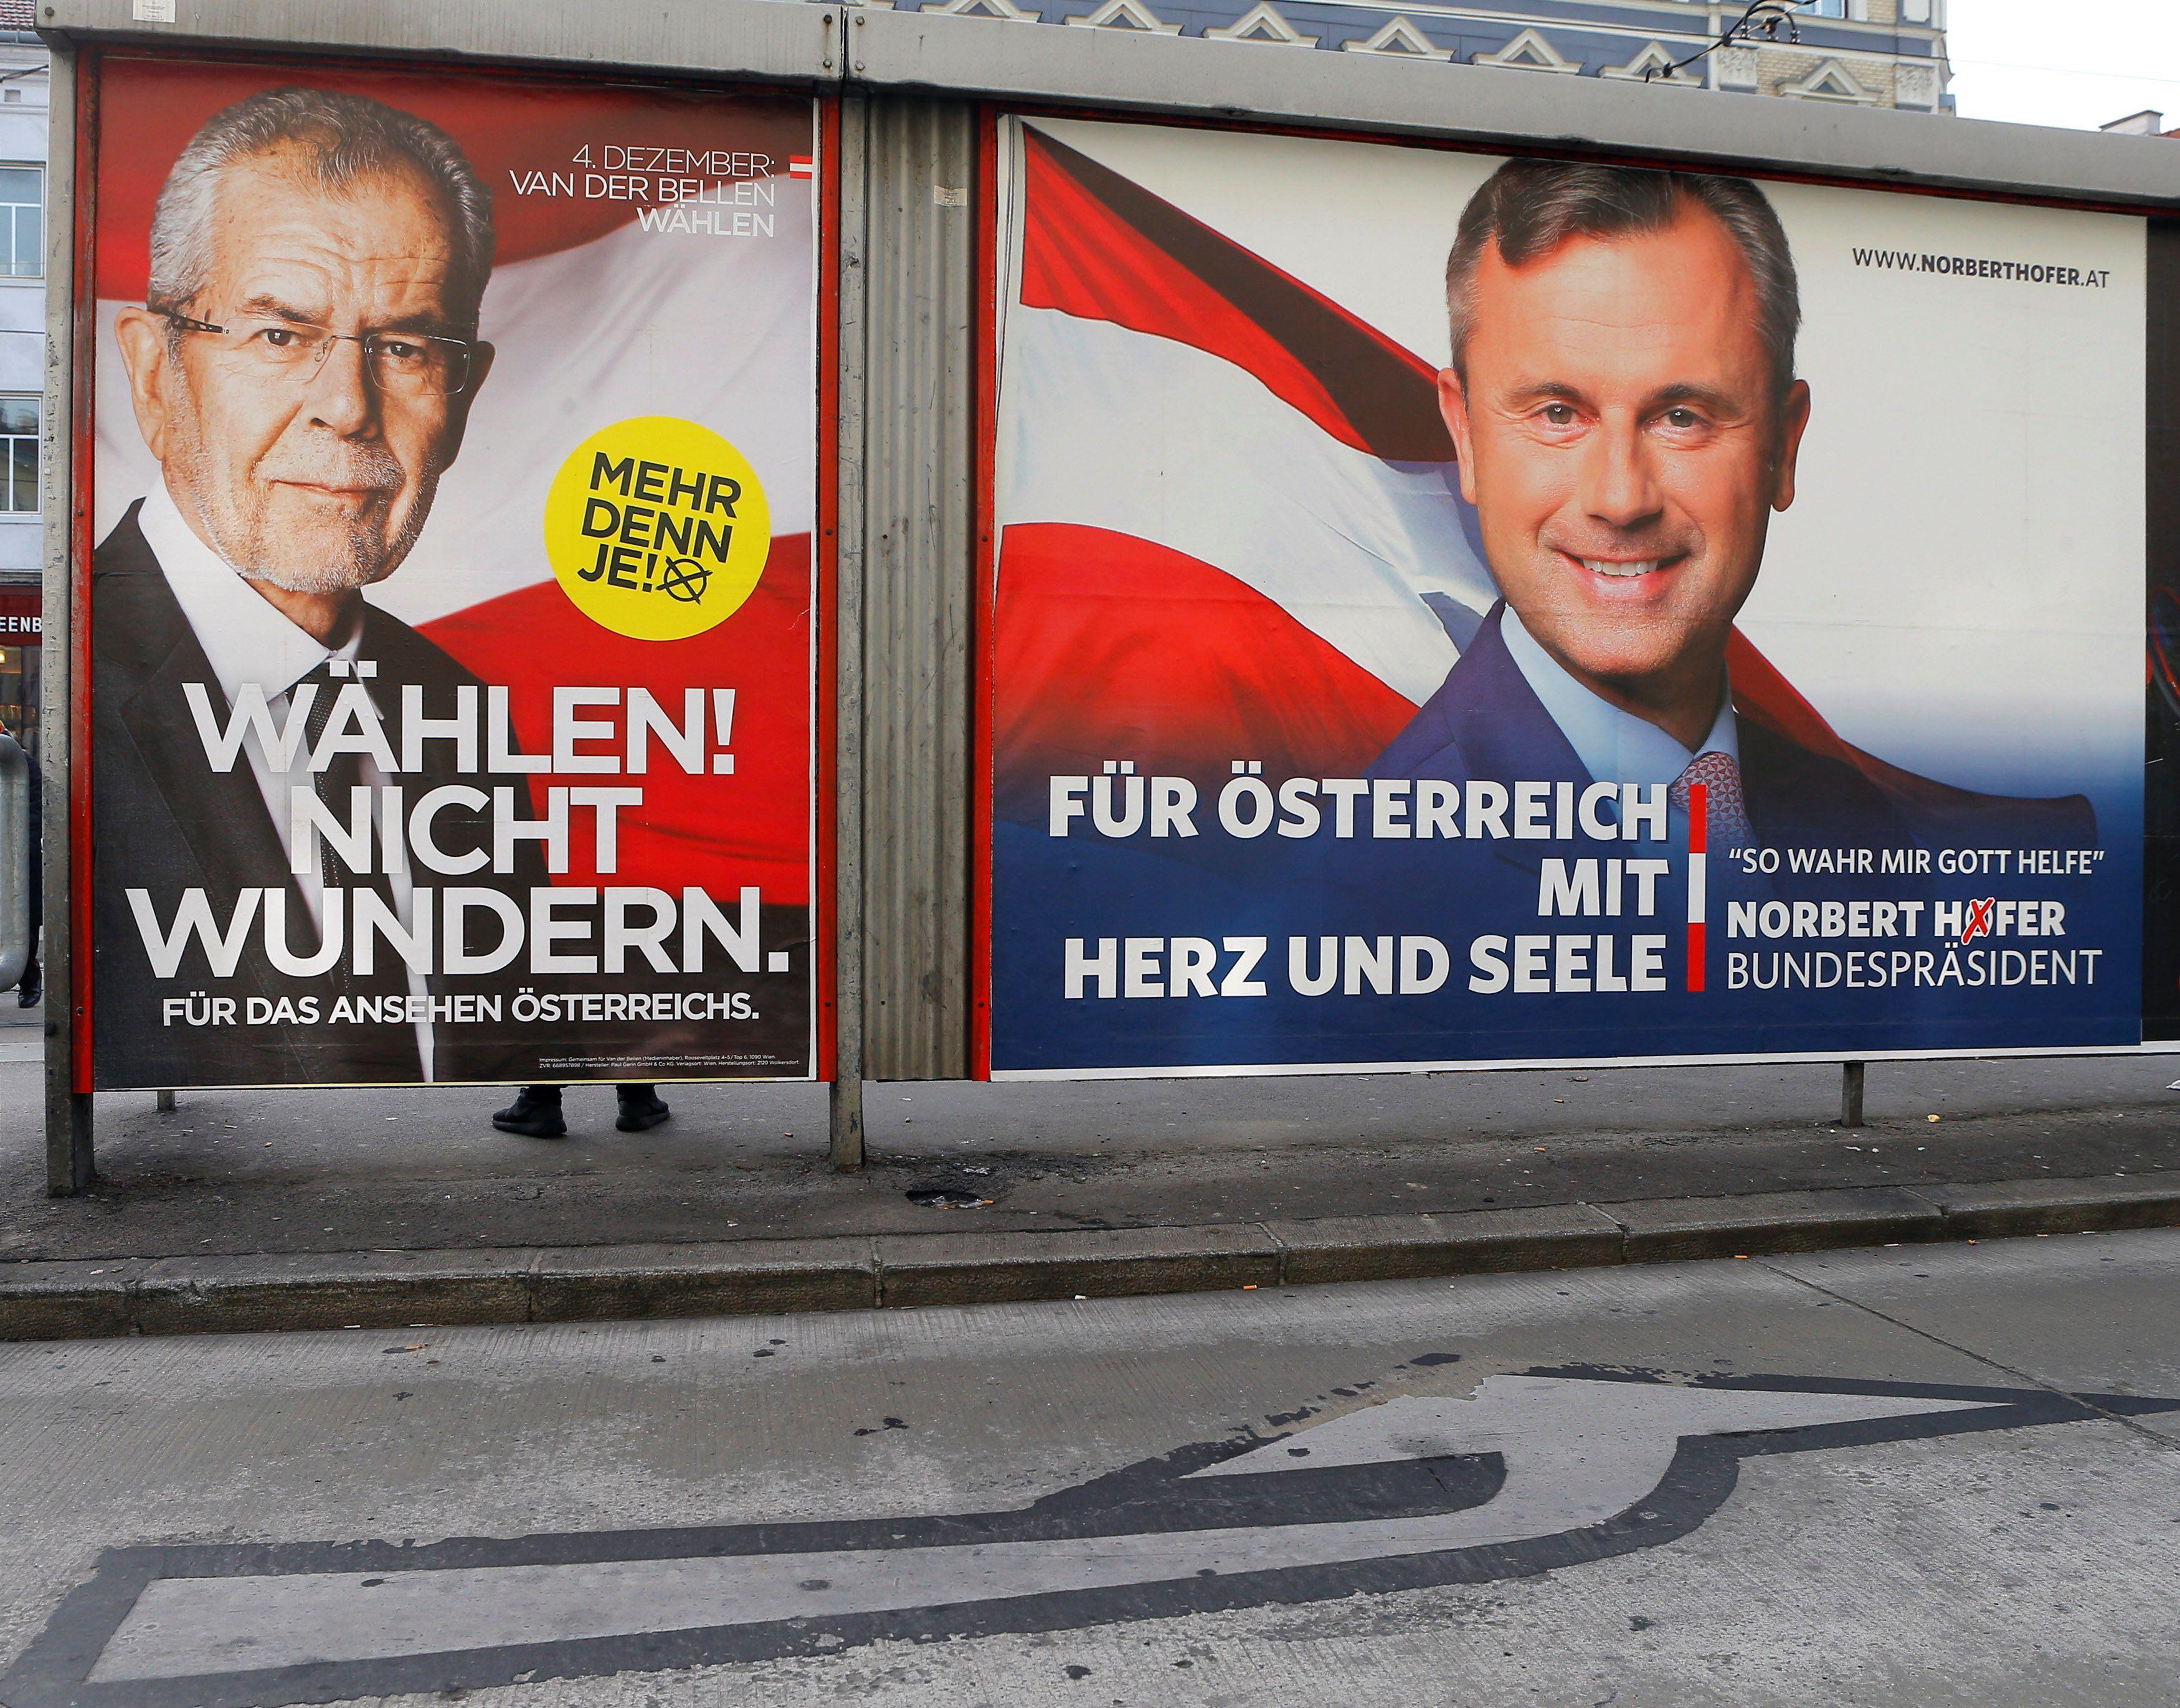 Предвыборная кампания стала самой дорогой в истории Австрии